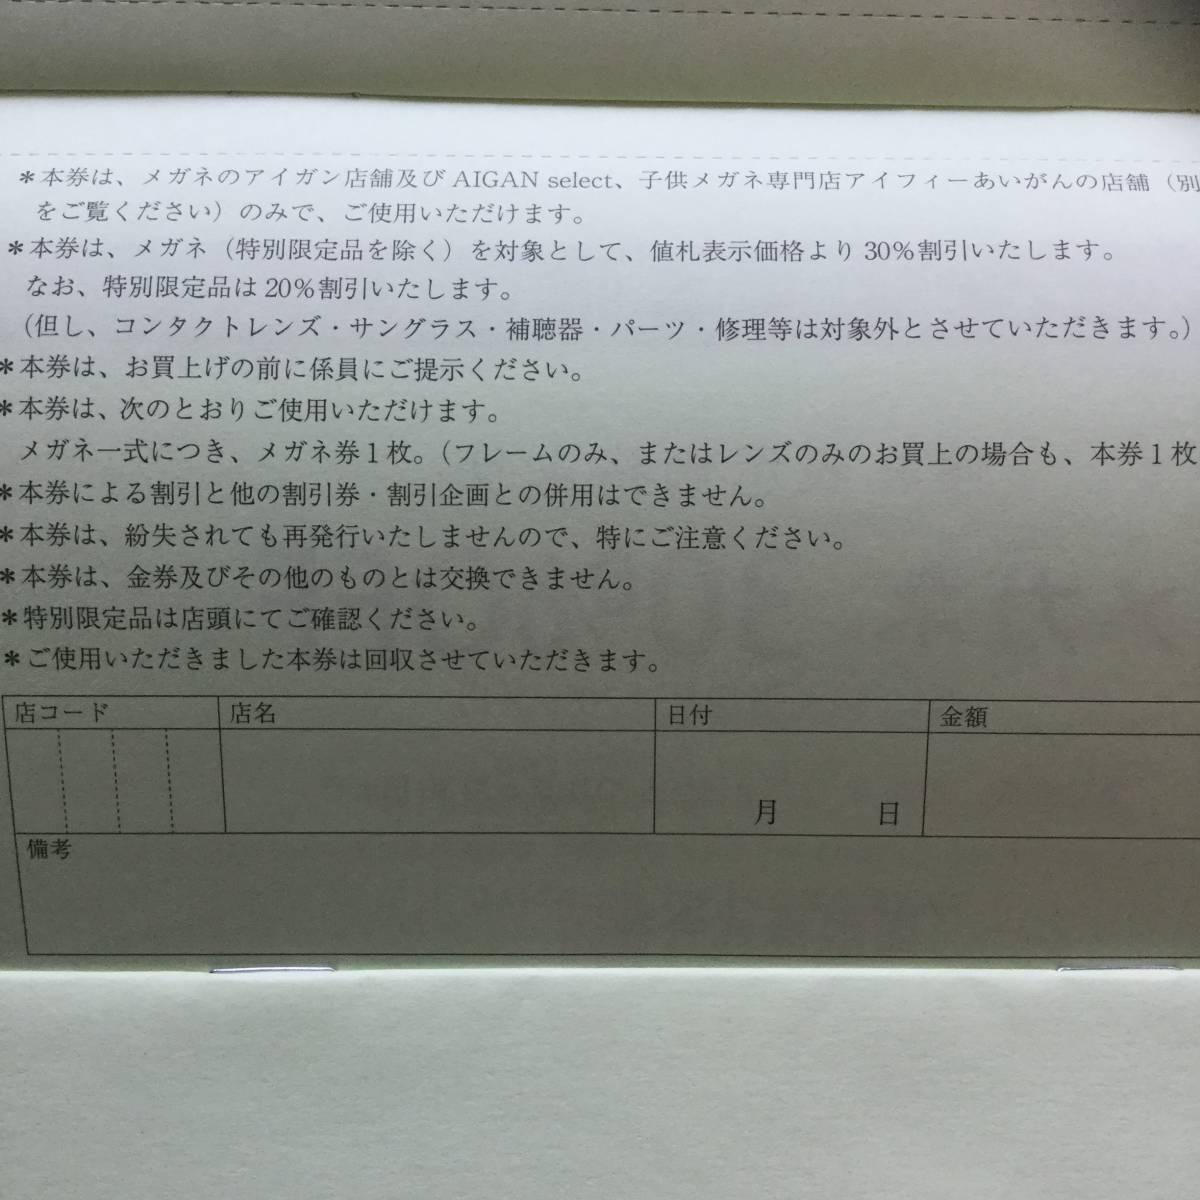 メガネの愛眼 メガネ30%OFF1枚 補聴器10%OFF1枚■ 3.6.30 No.23_画像3